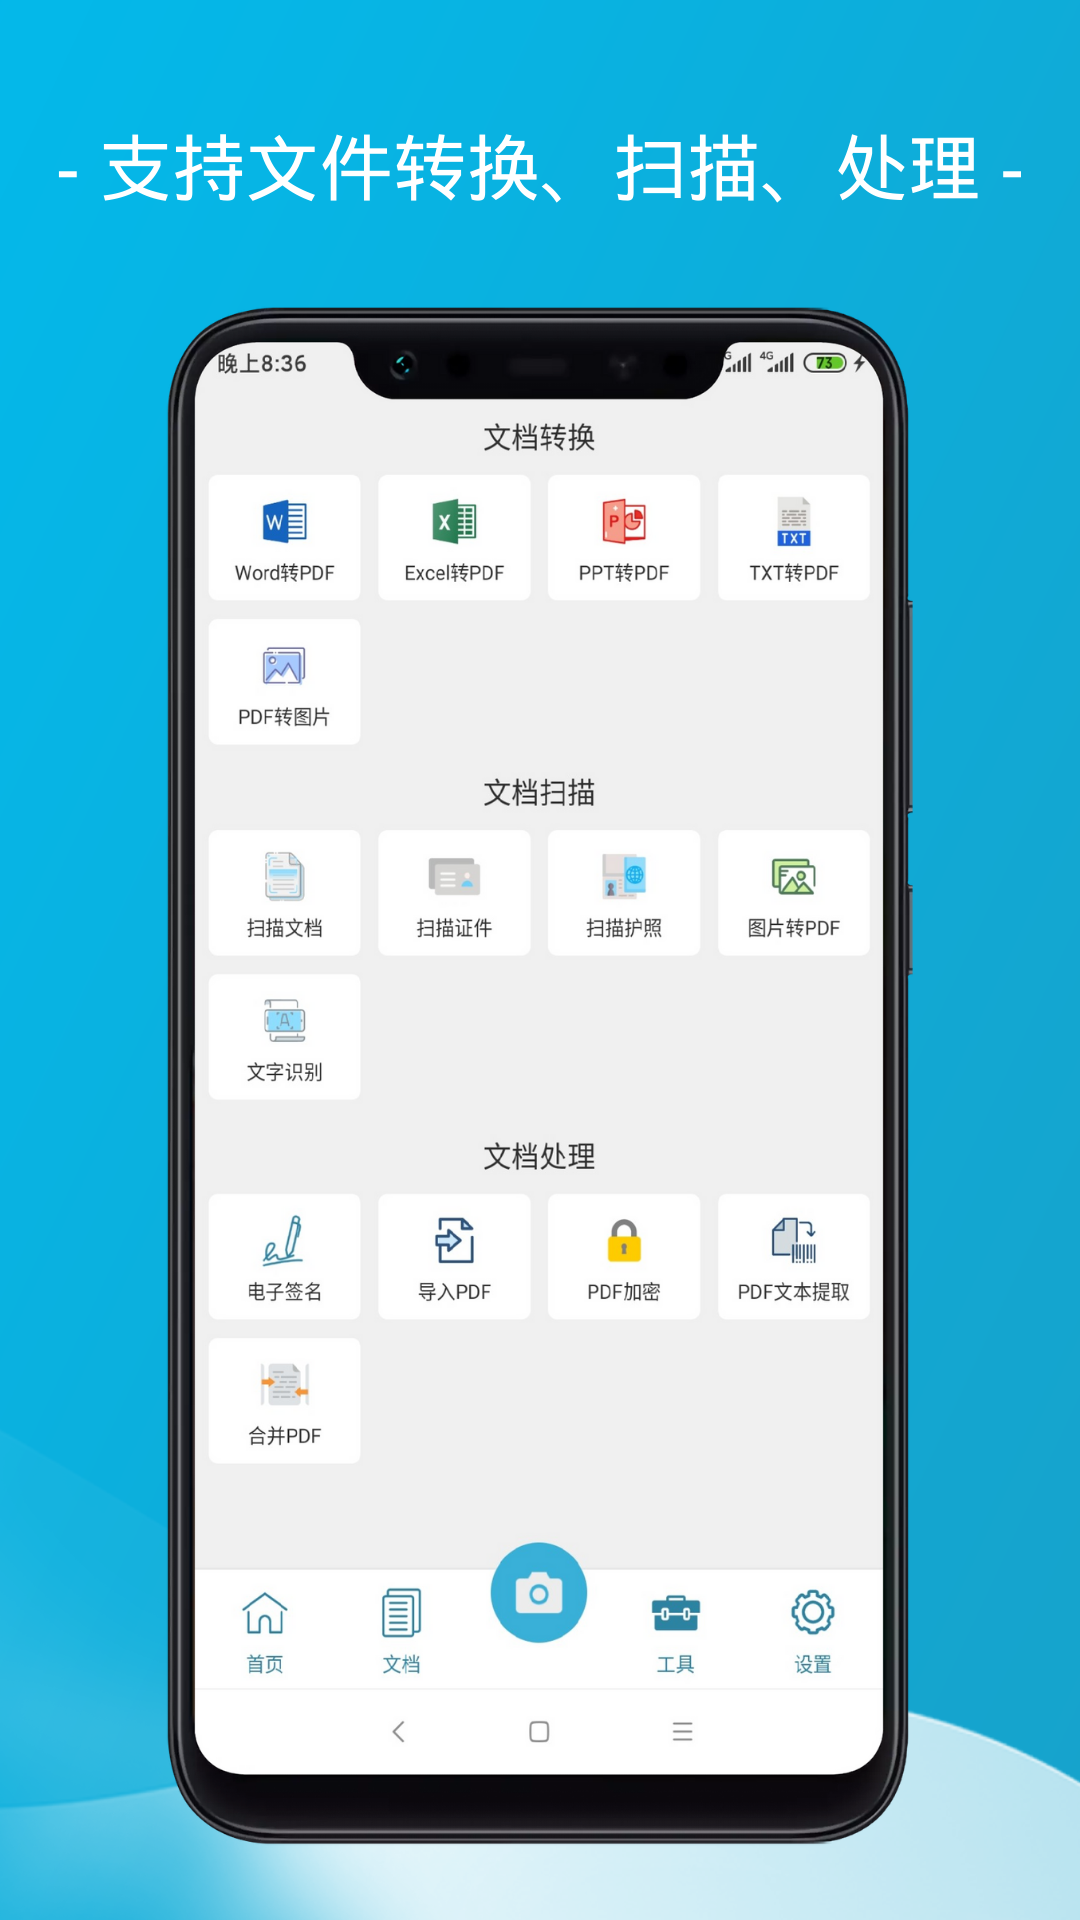 爱扫描app官网最新版下载图1: